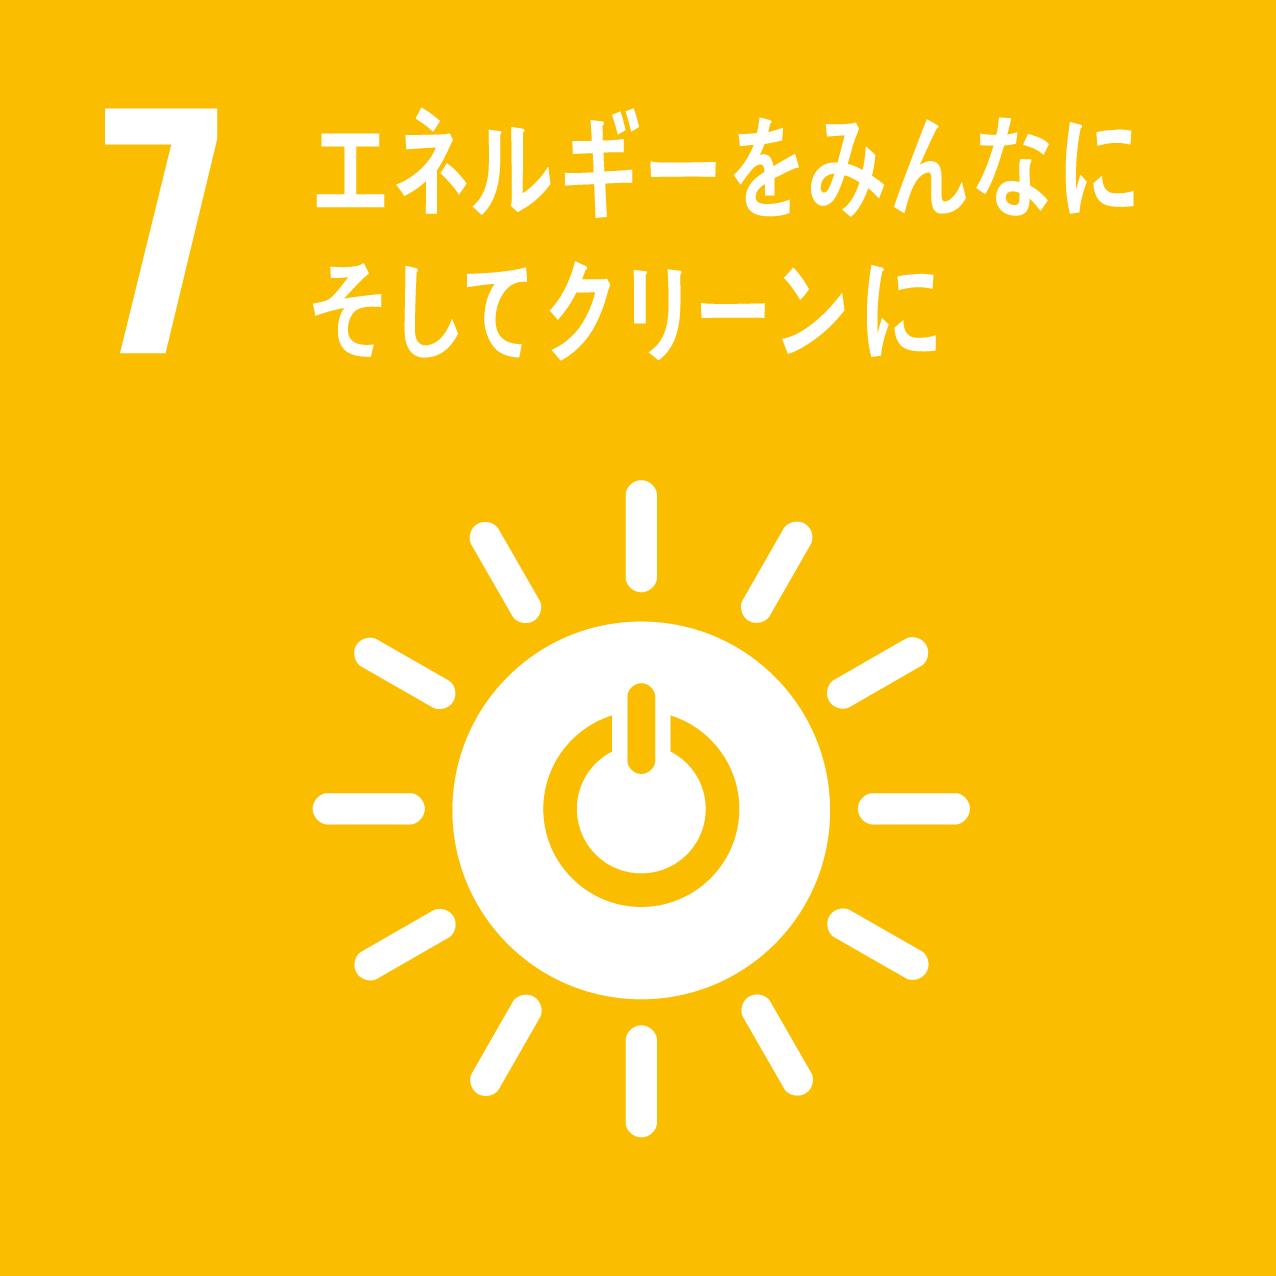 7: エネルギーをみんなに そしてクリーンに